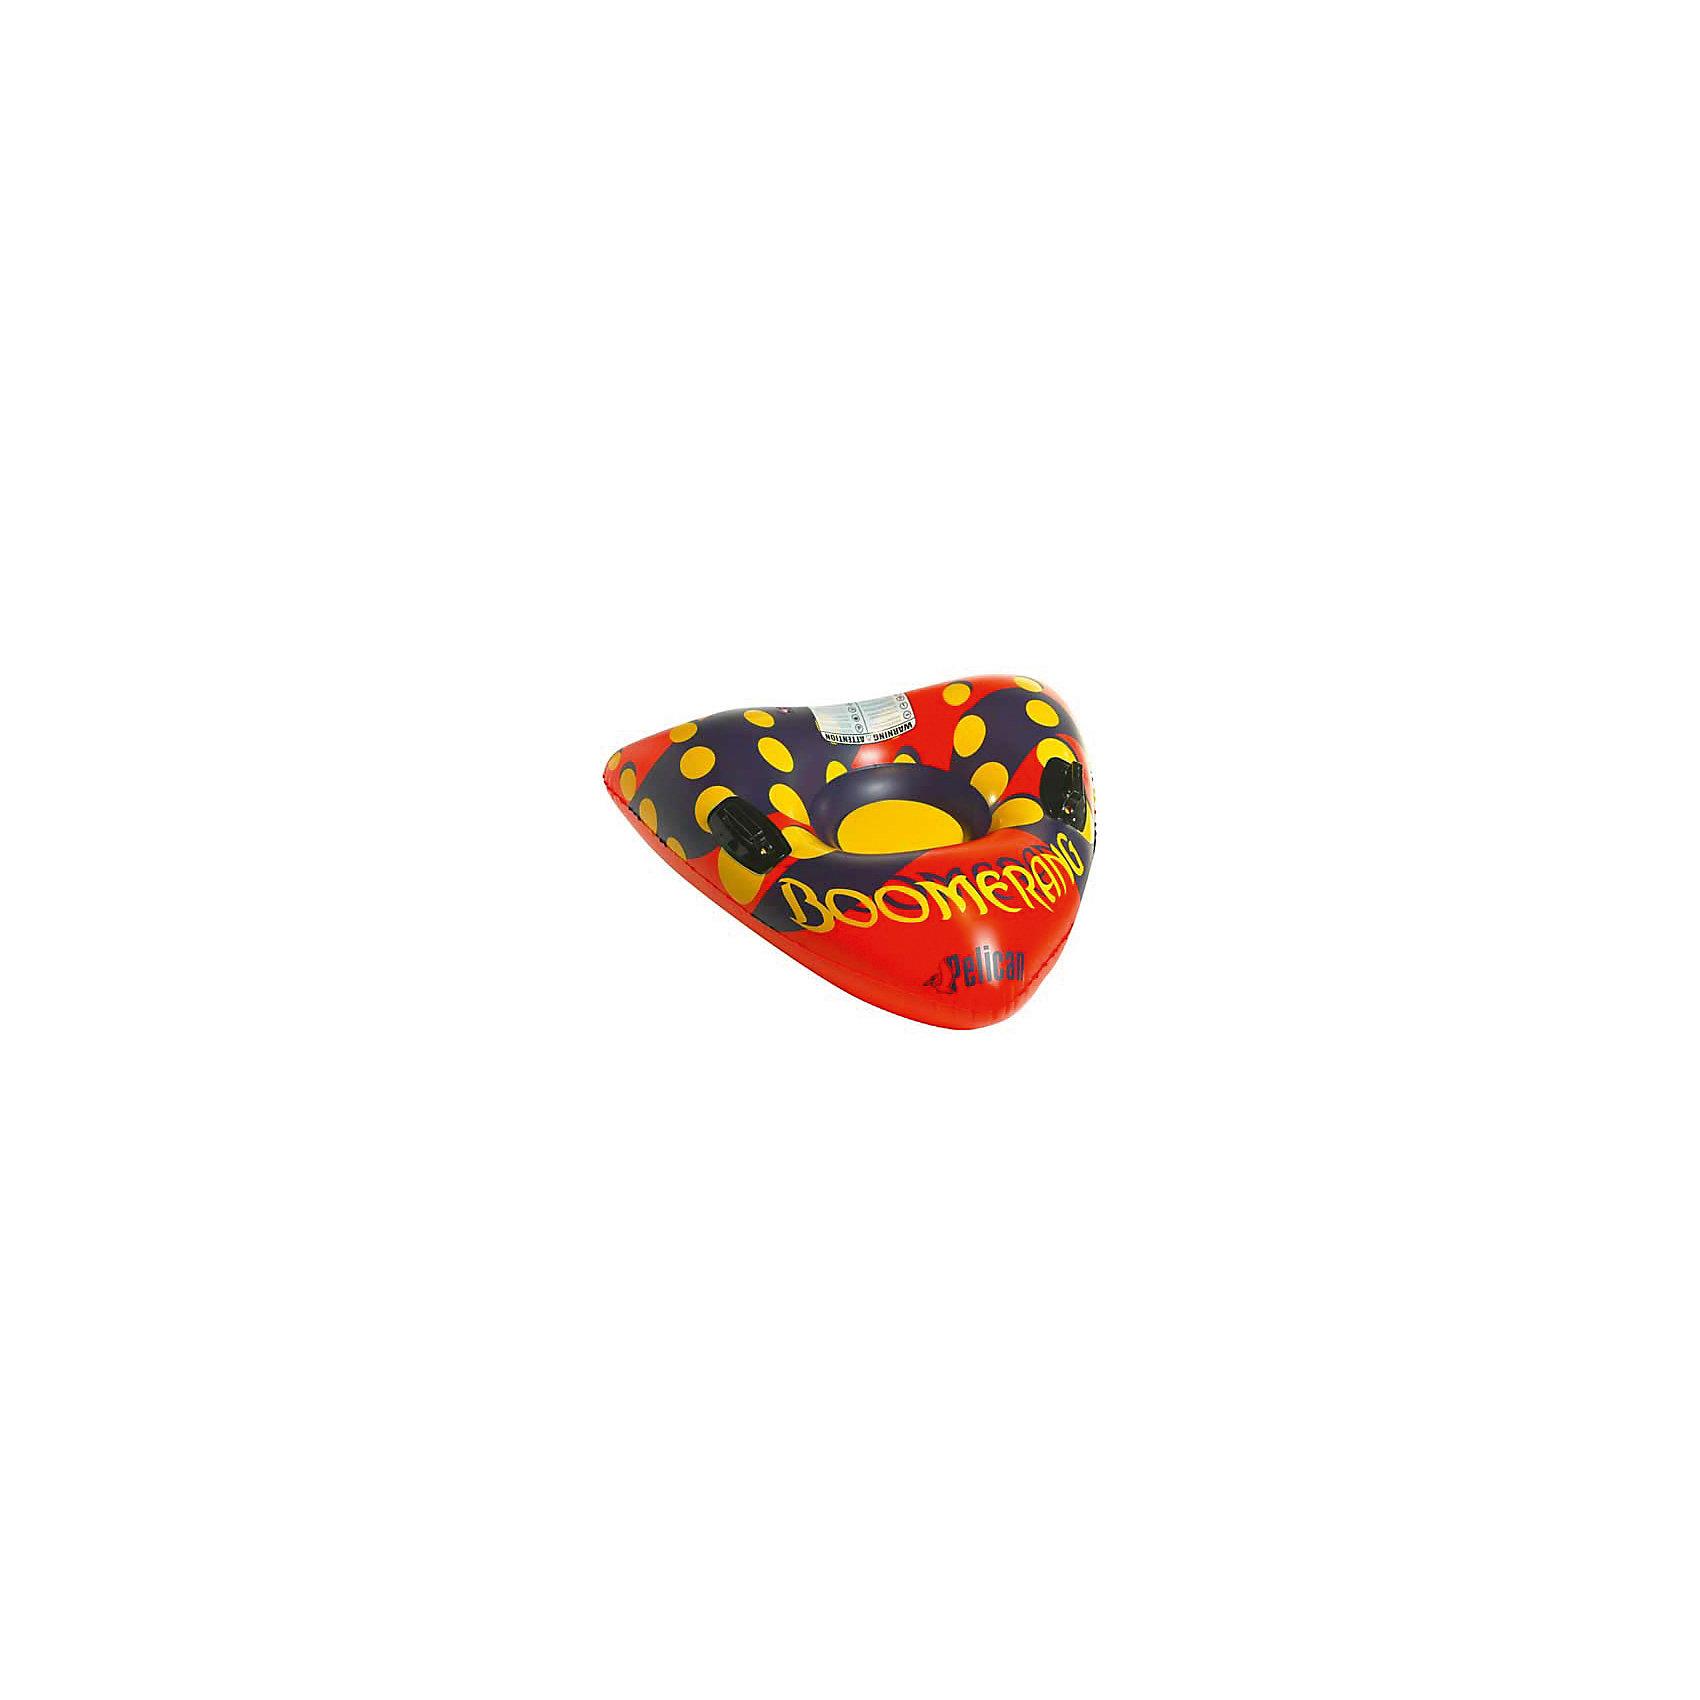 Надувные санки Пеликан Boomerang